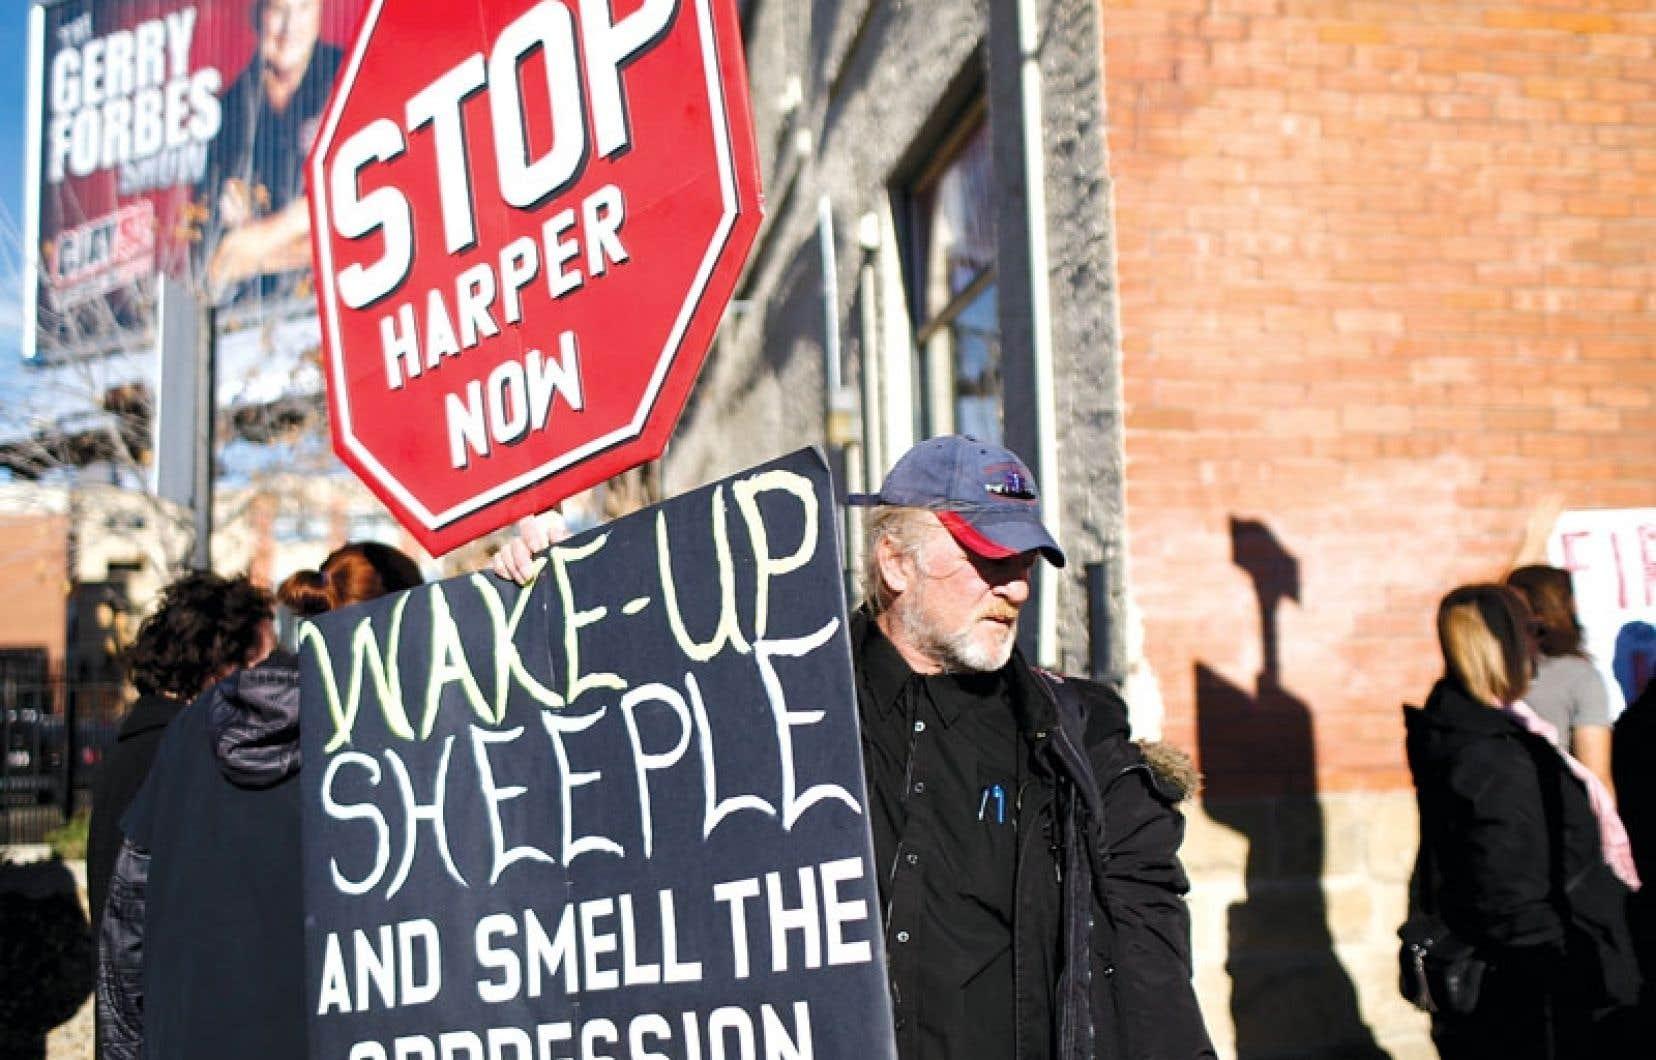 Des manifestants anti-Stephen Harper ont accueilli les délégués conservateurs à Calgary jeudi.